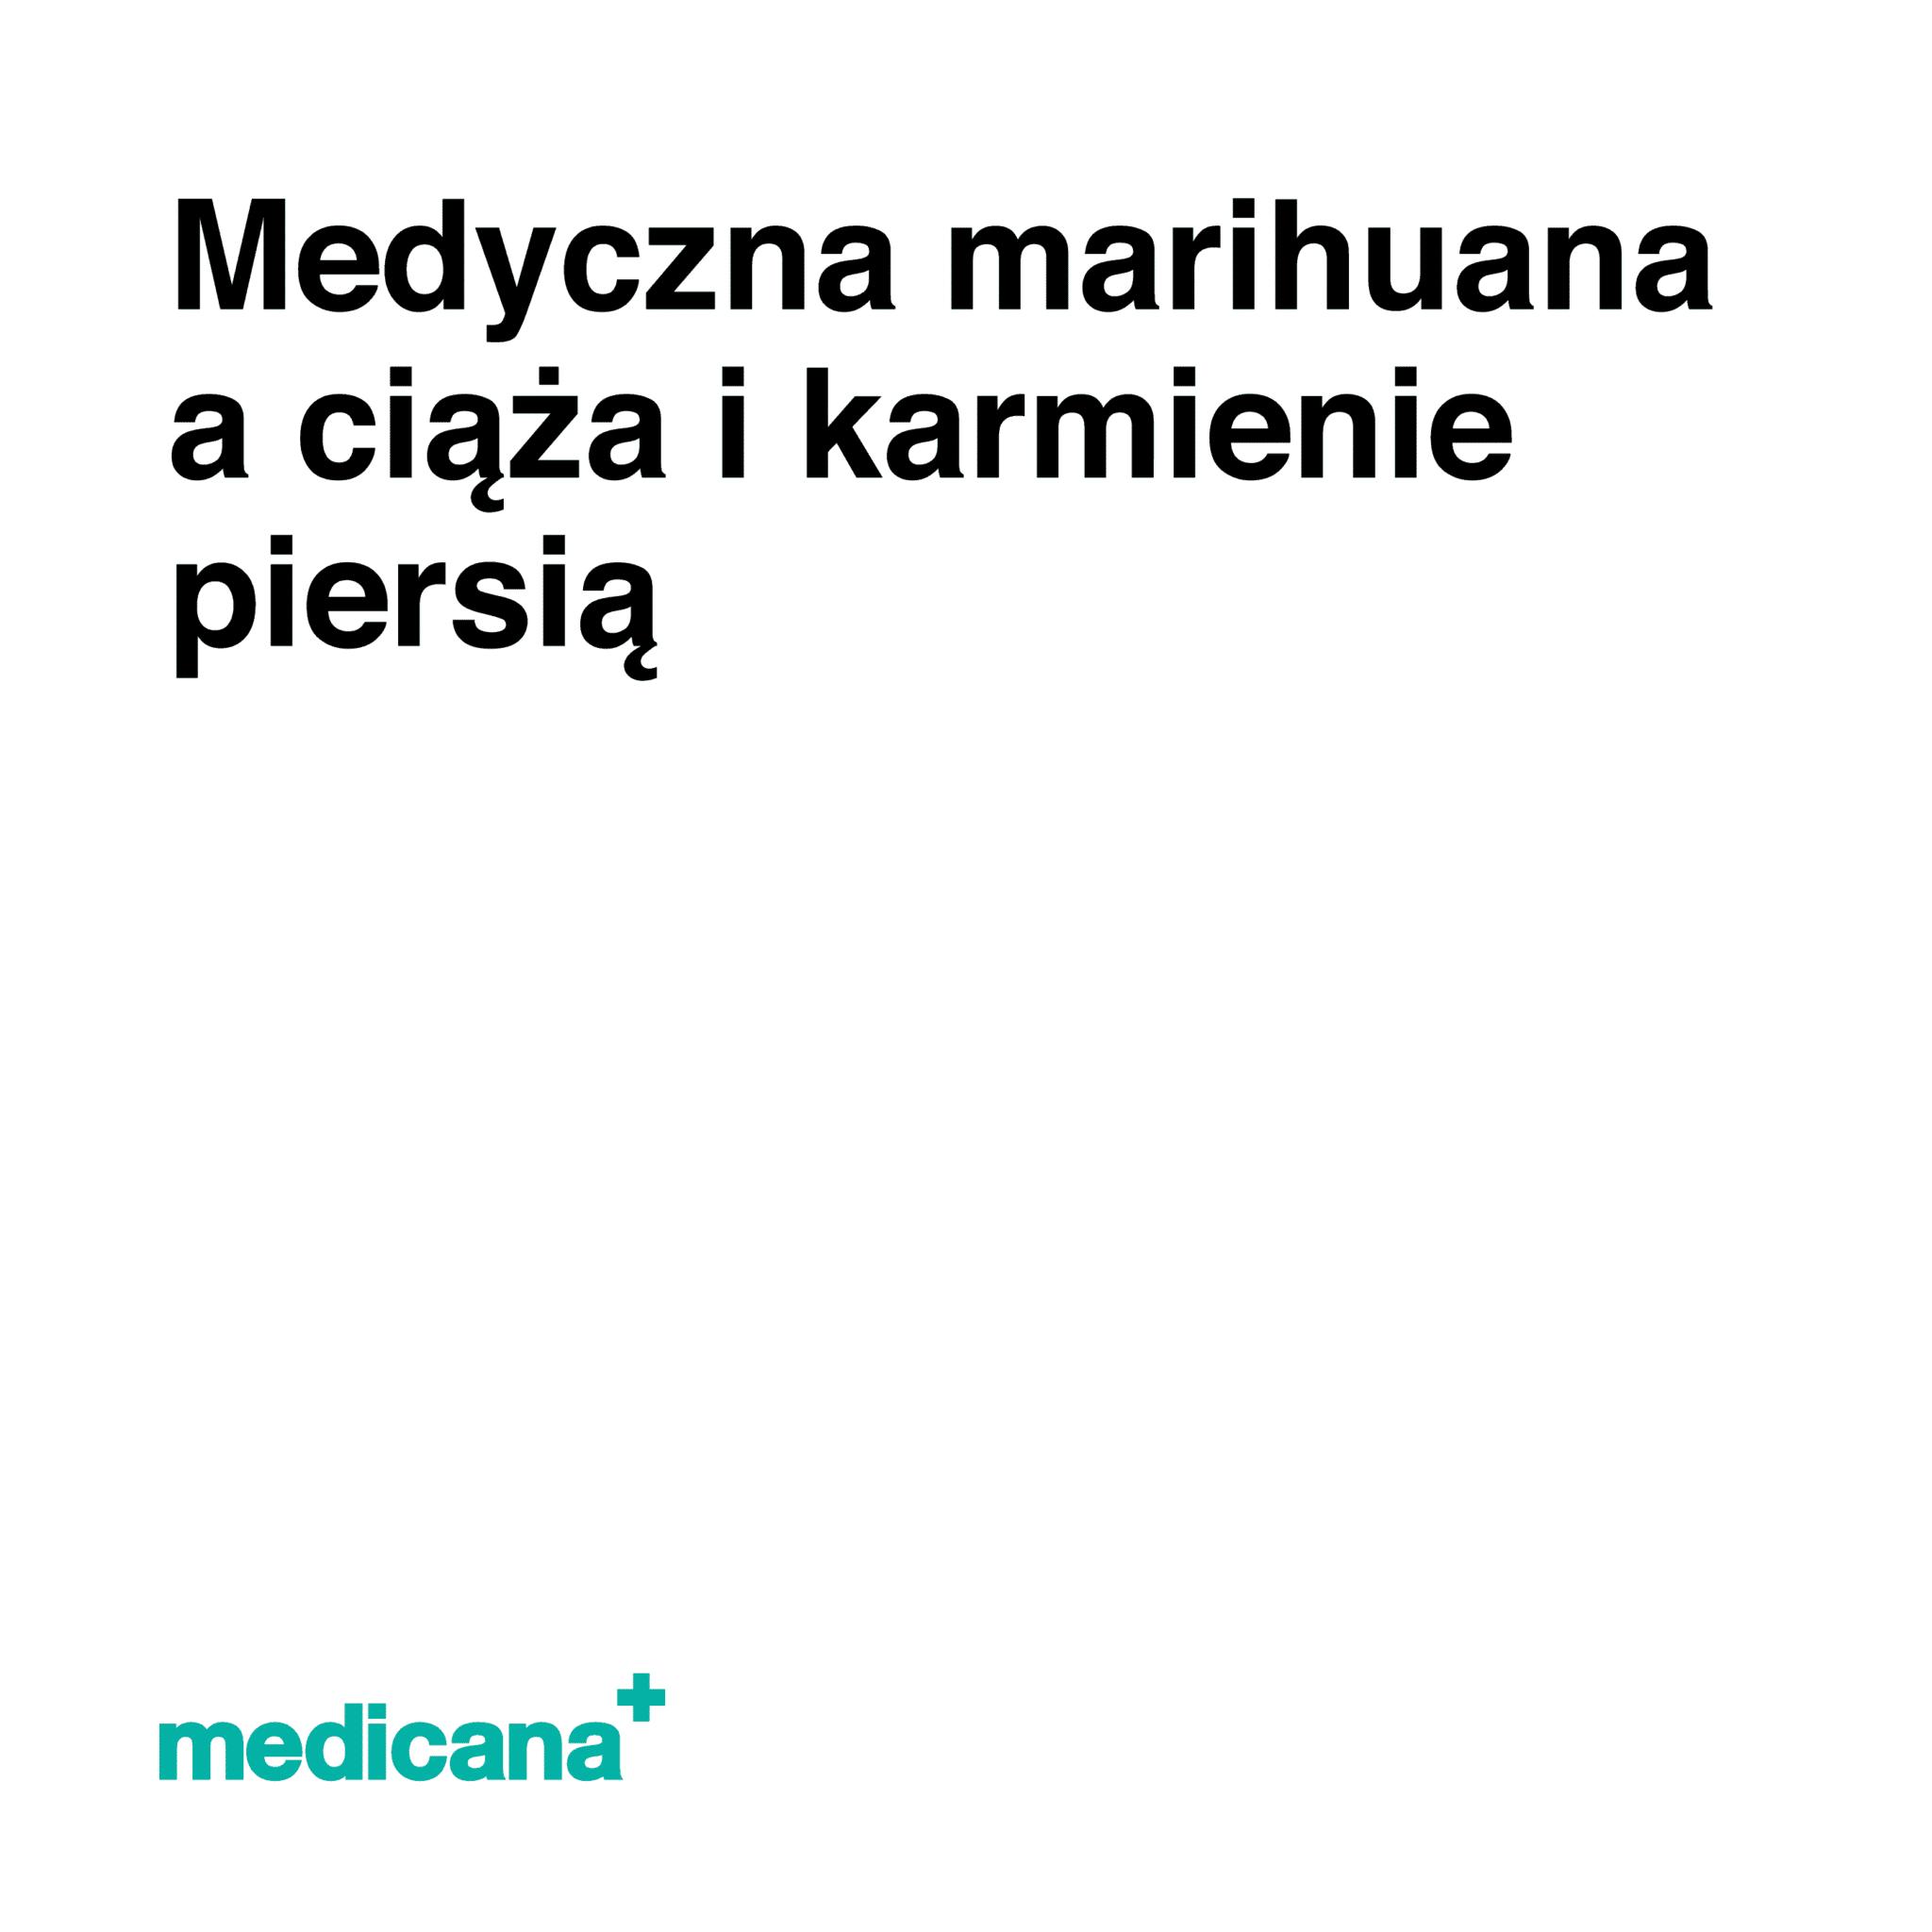 Grafika, białe tło z czarnym napisem Medyczna marihuana a ciąża i karmienie piersią oraz zielonym logo Medicana w lewym dolnym rogu.